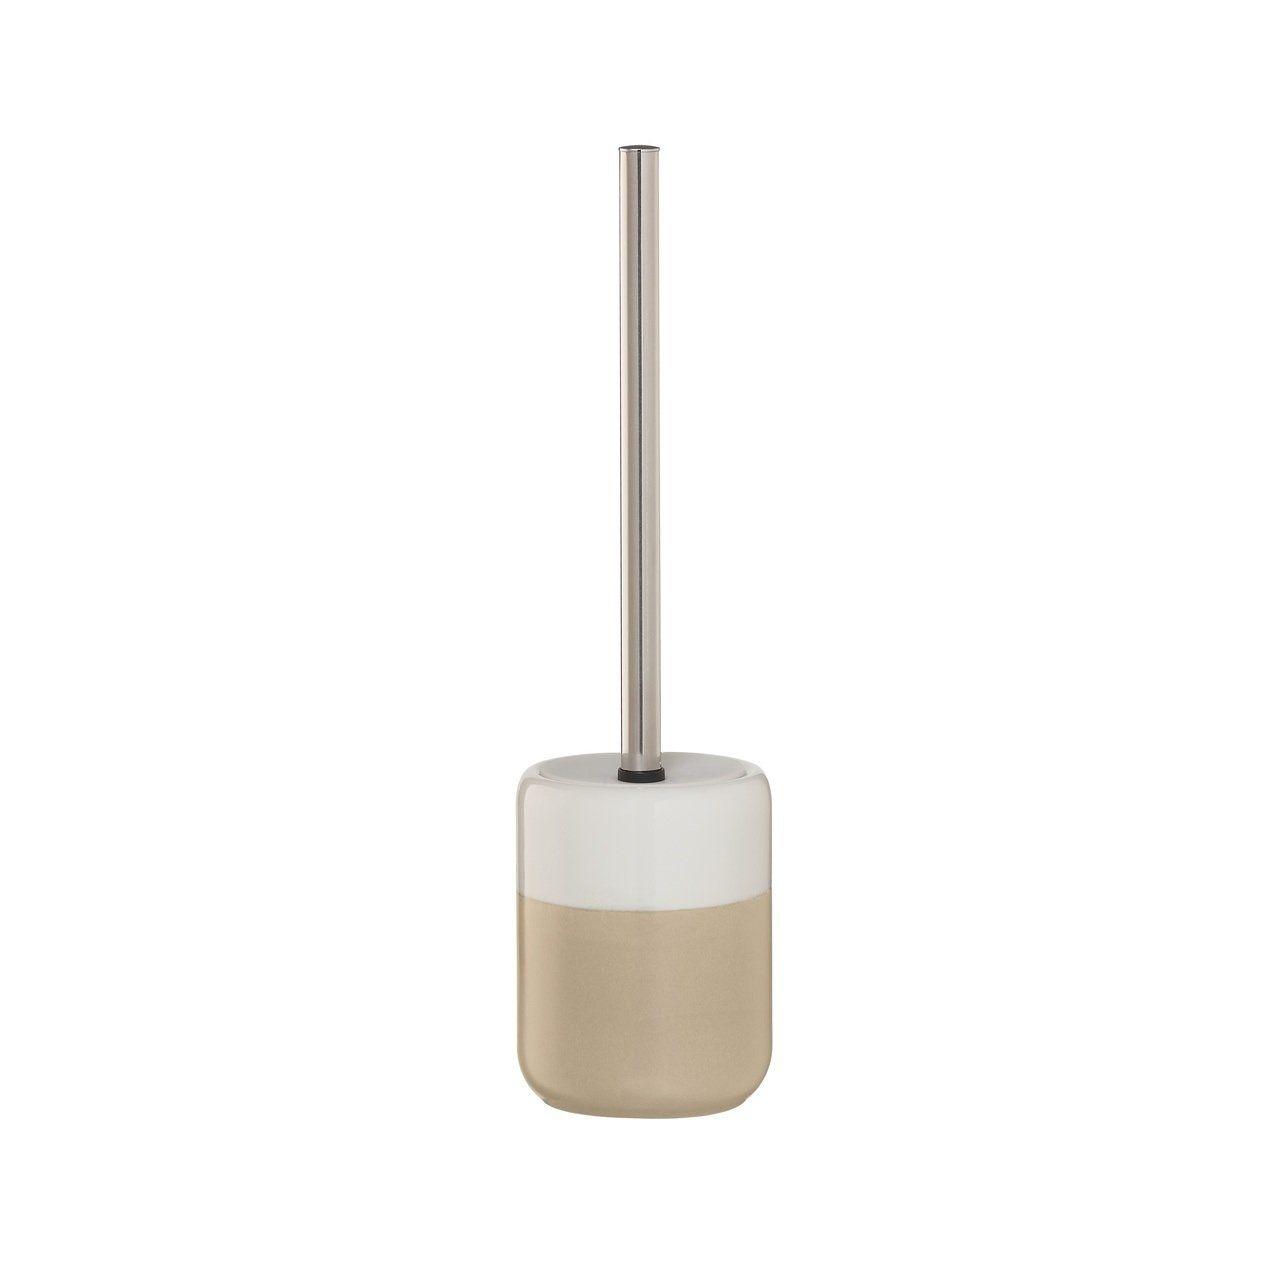 Sealskin 4 Piece Bathroom Accessories Set Savon De Provence White